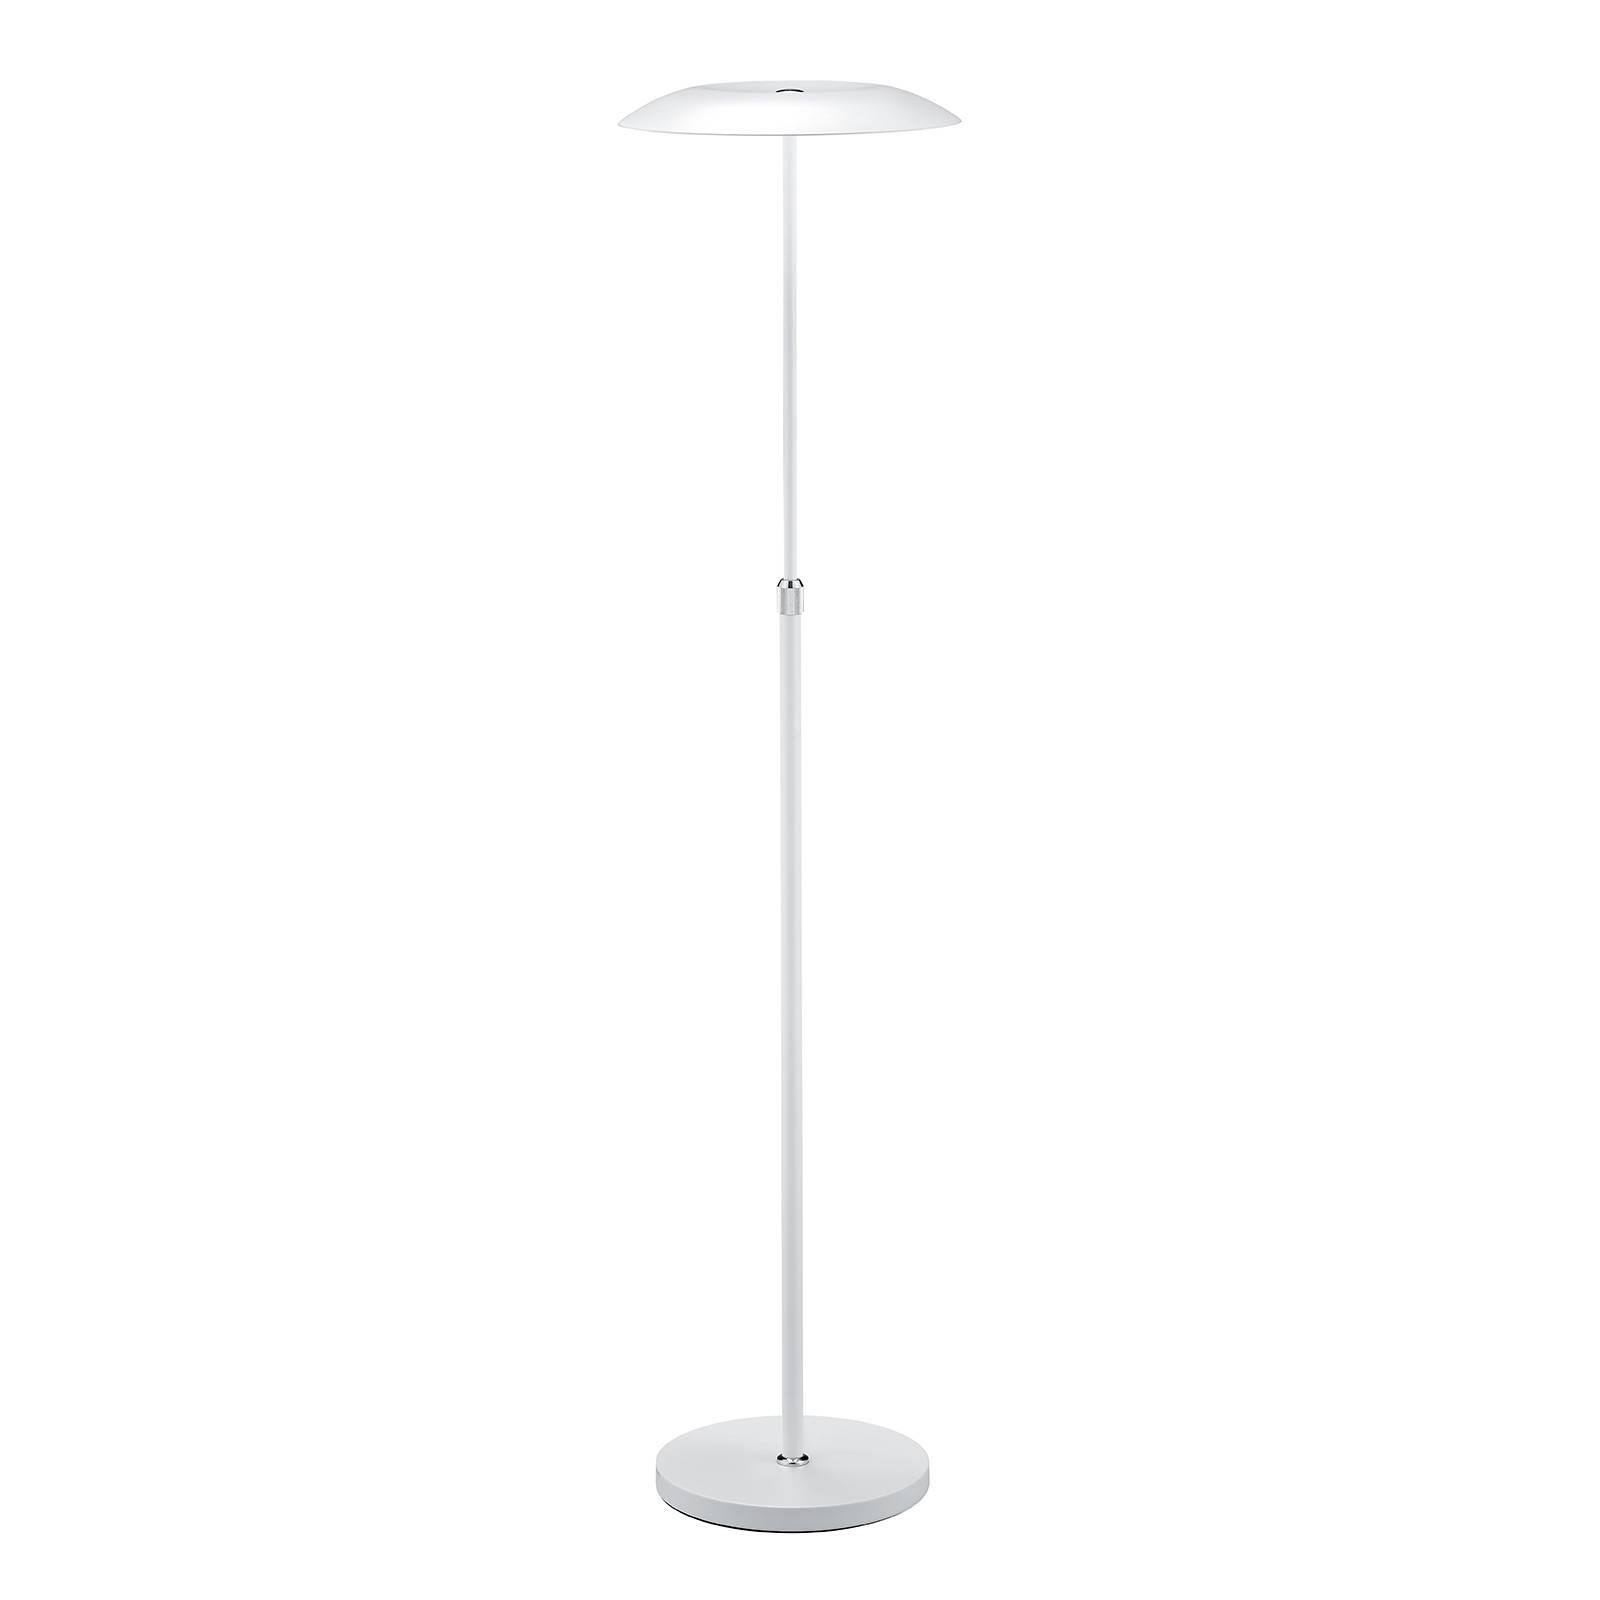 B-Leuchten Curling LED-lattiavalo valkoinen